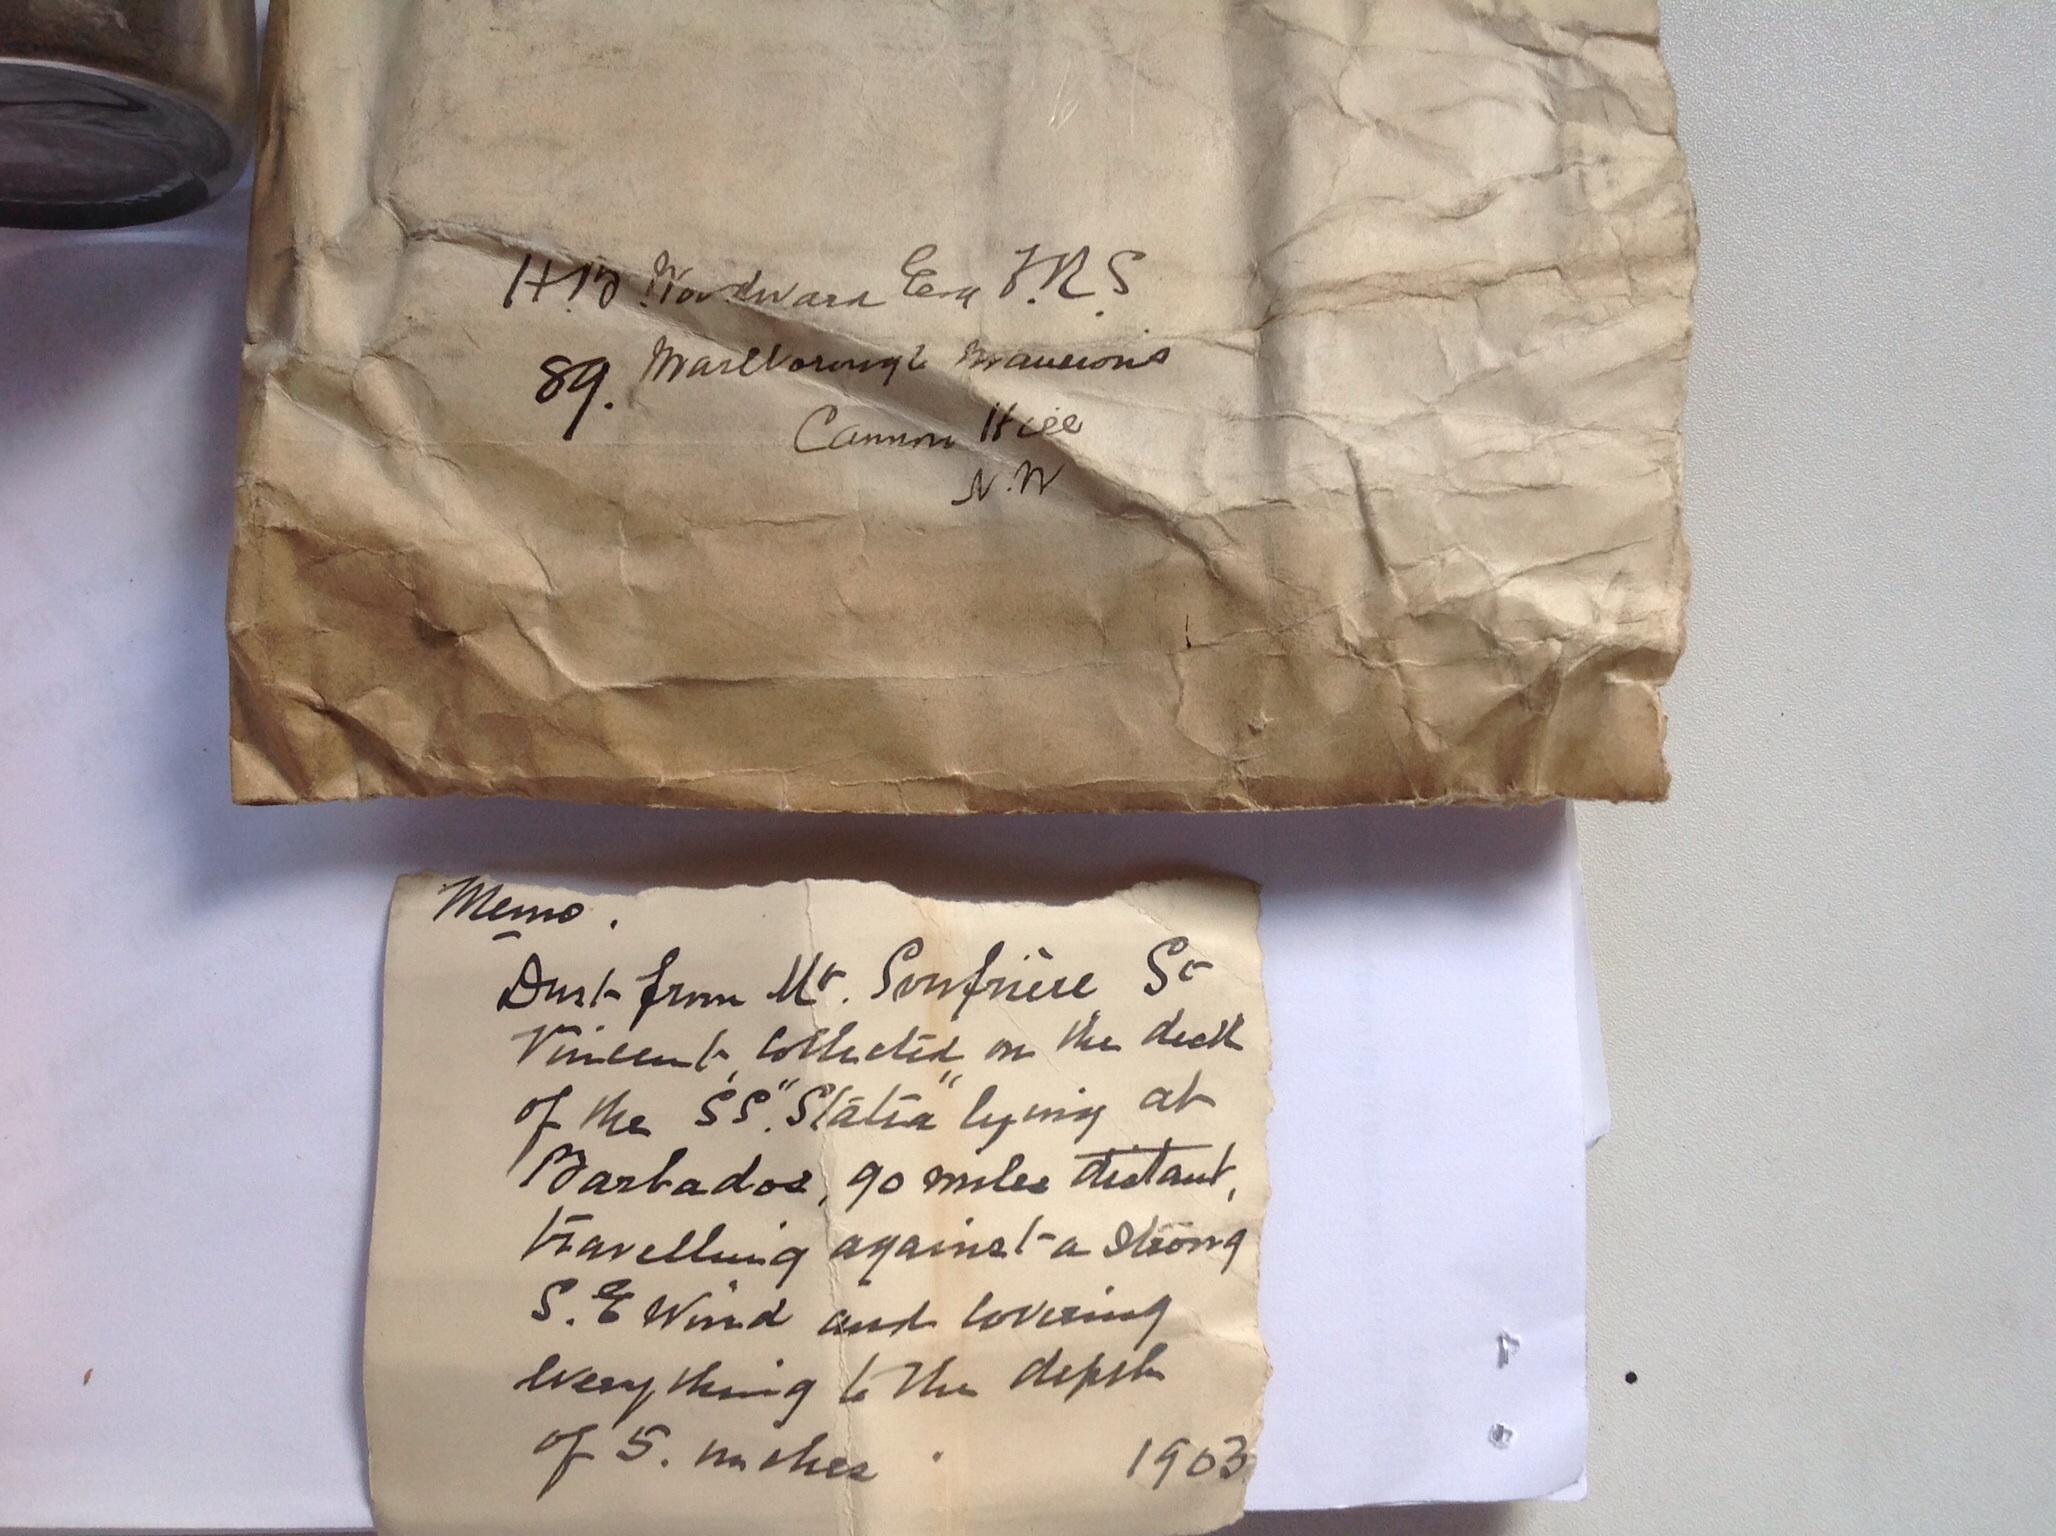 1902 Barbados ash